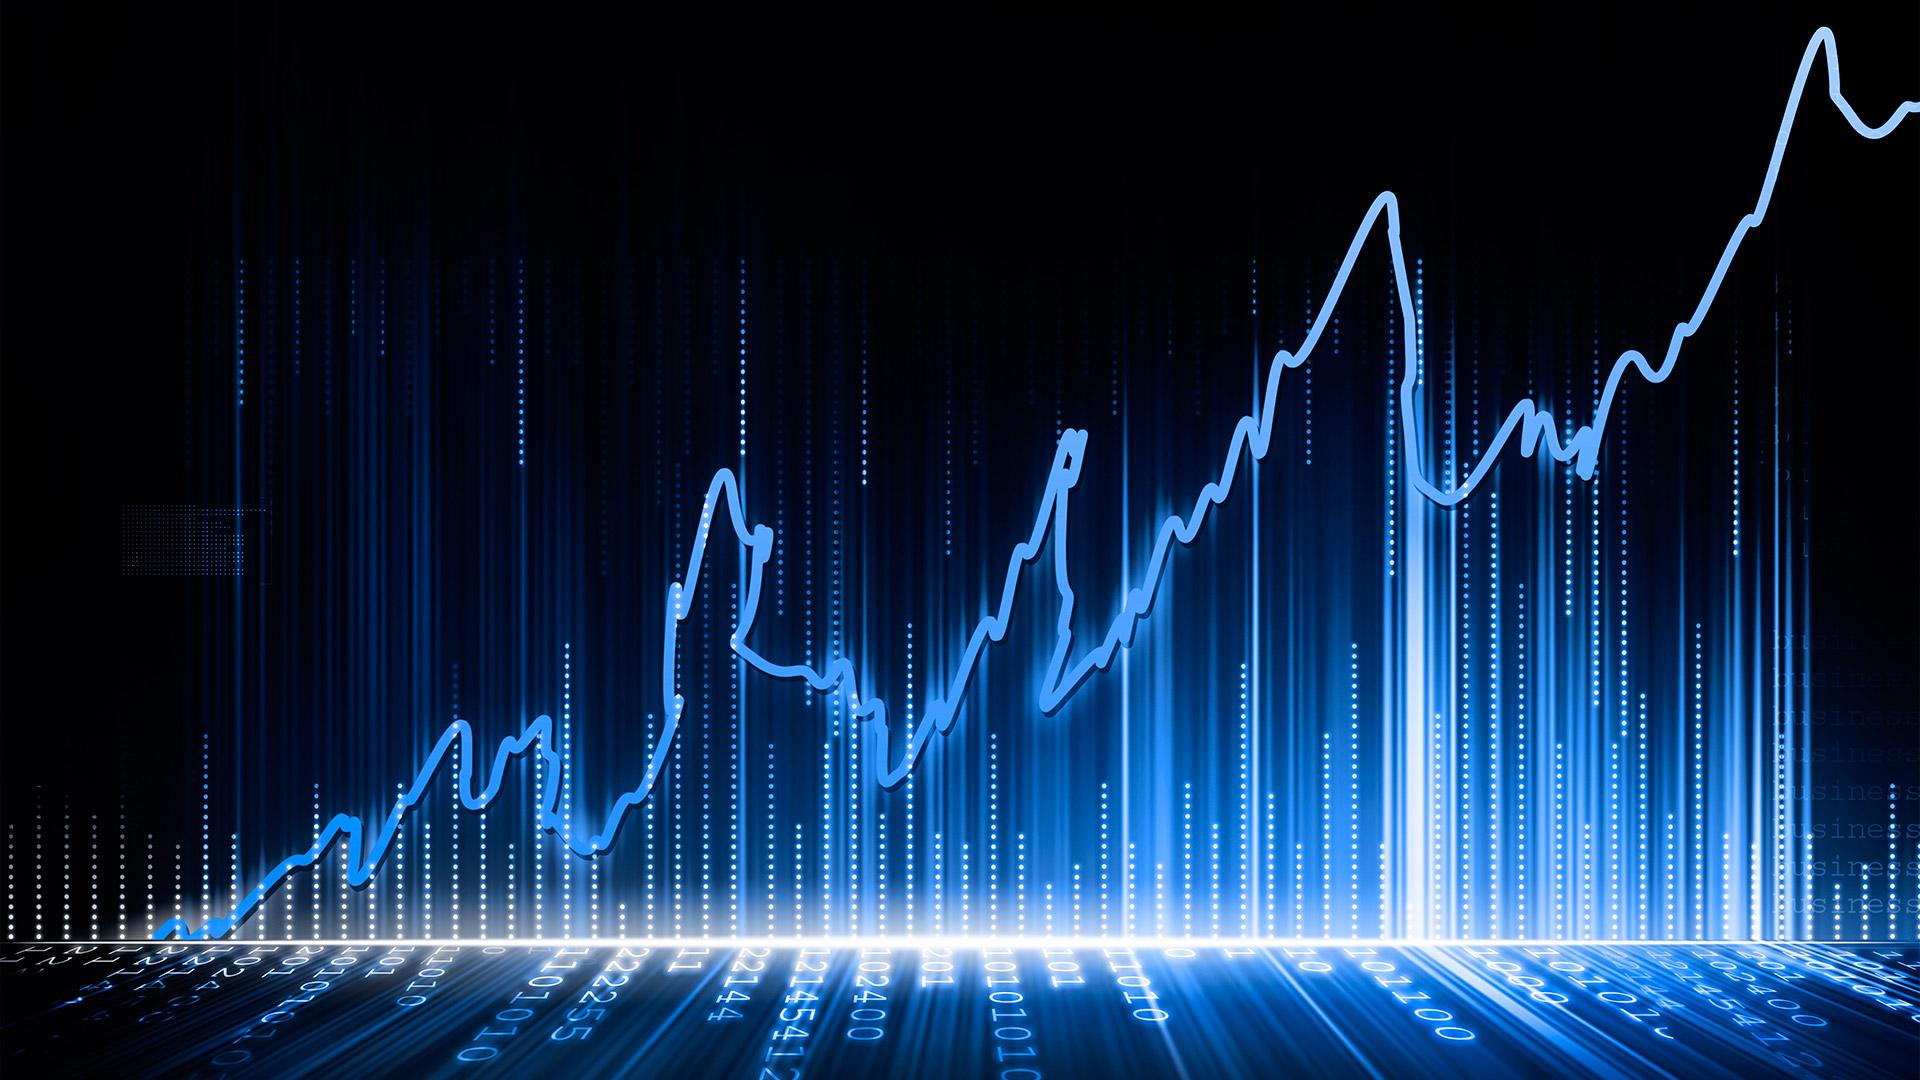 3 strategie di investimento per Criptovalute e CFD